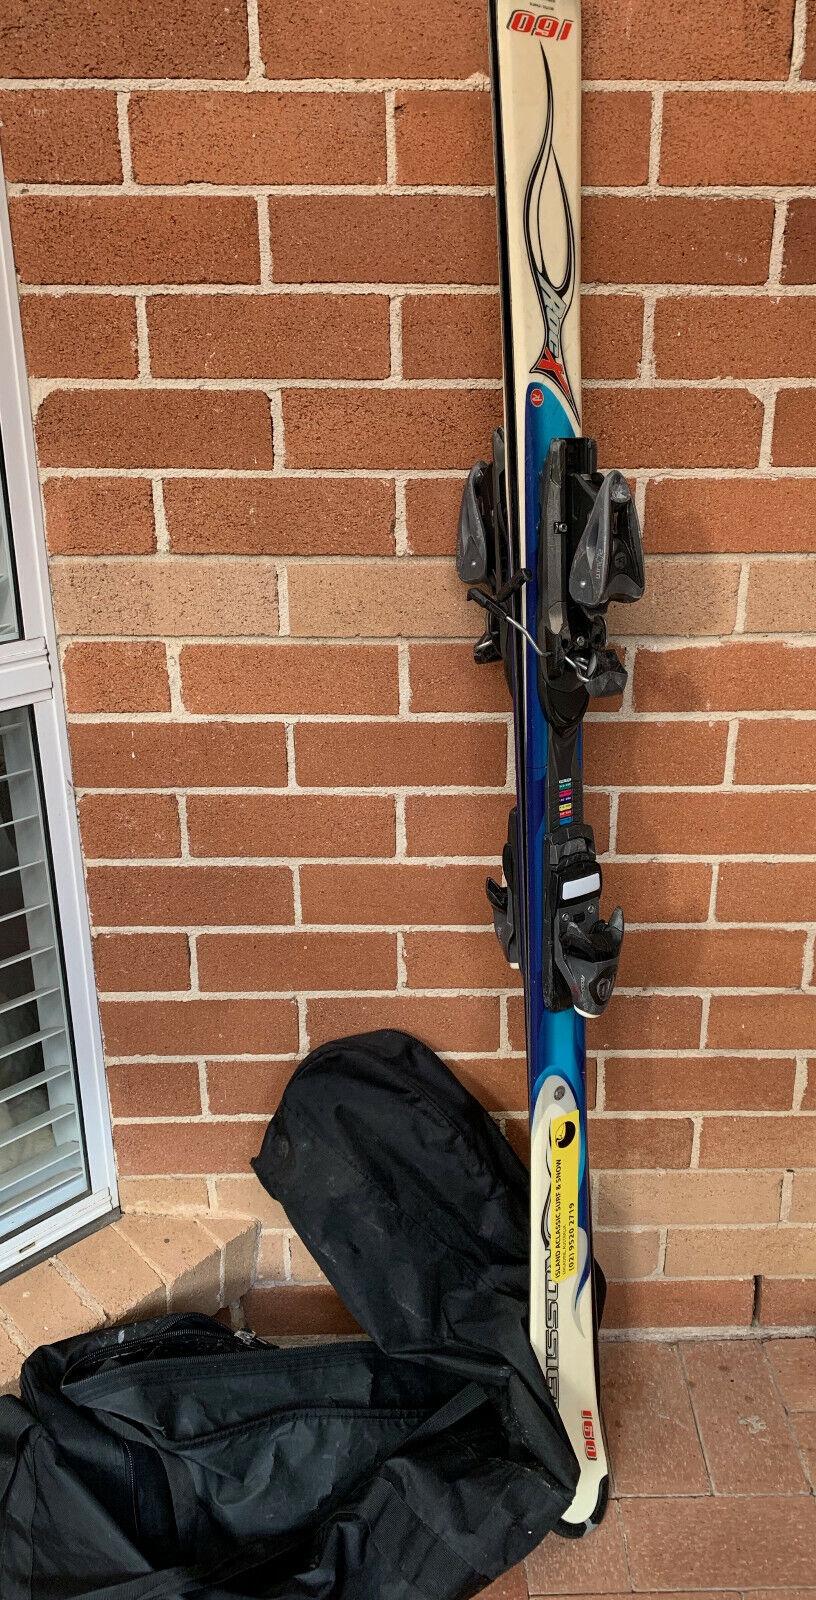 ROSSIGNOL Roc X 160cm Snow Ski with binder Set